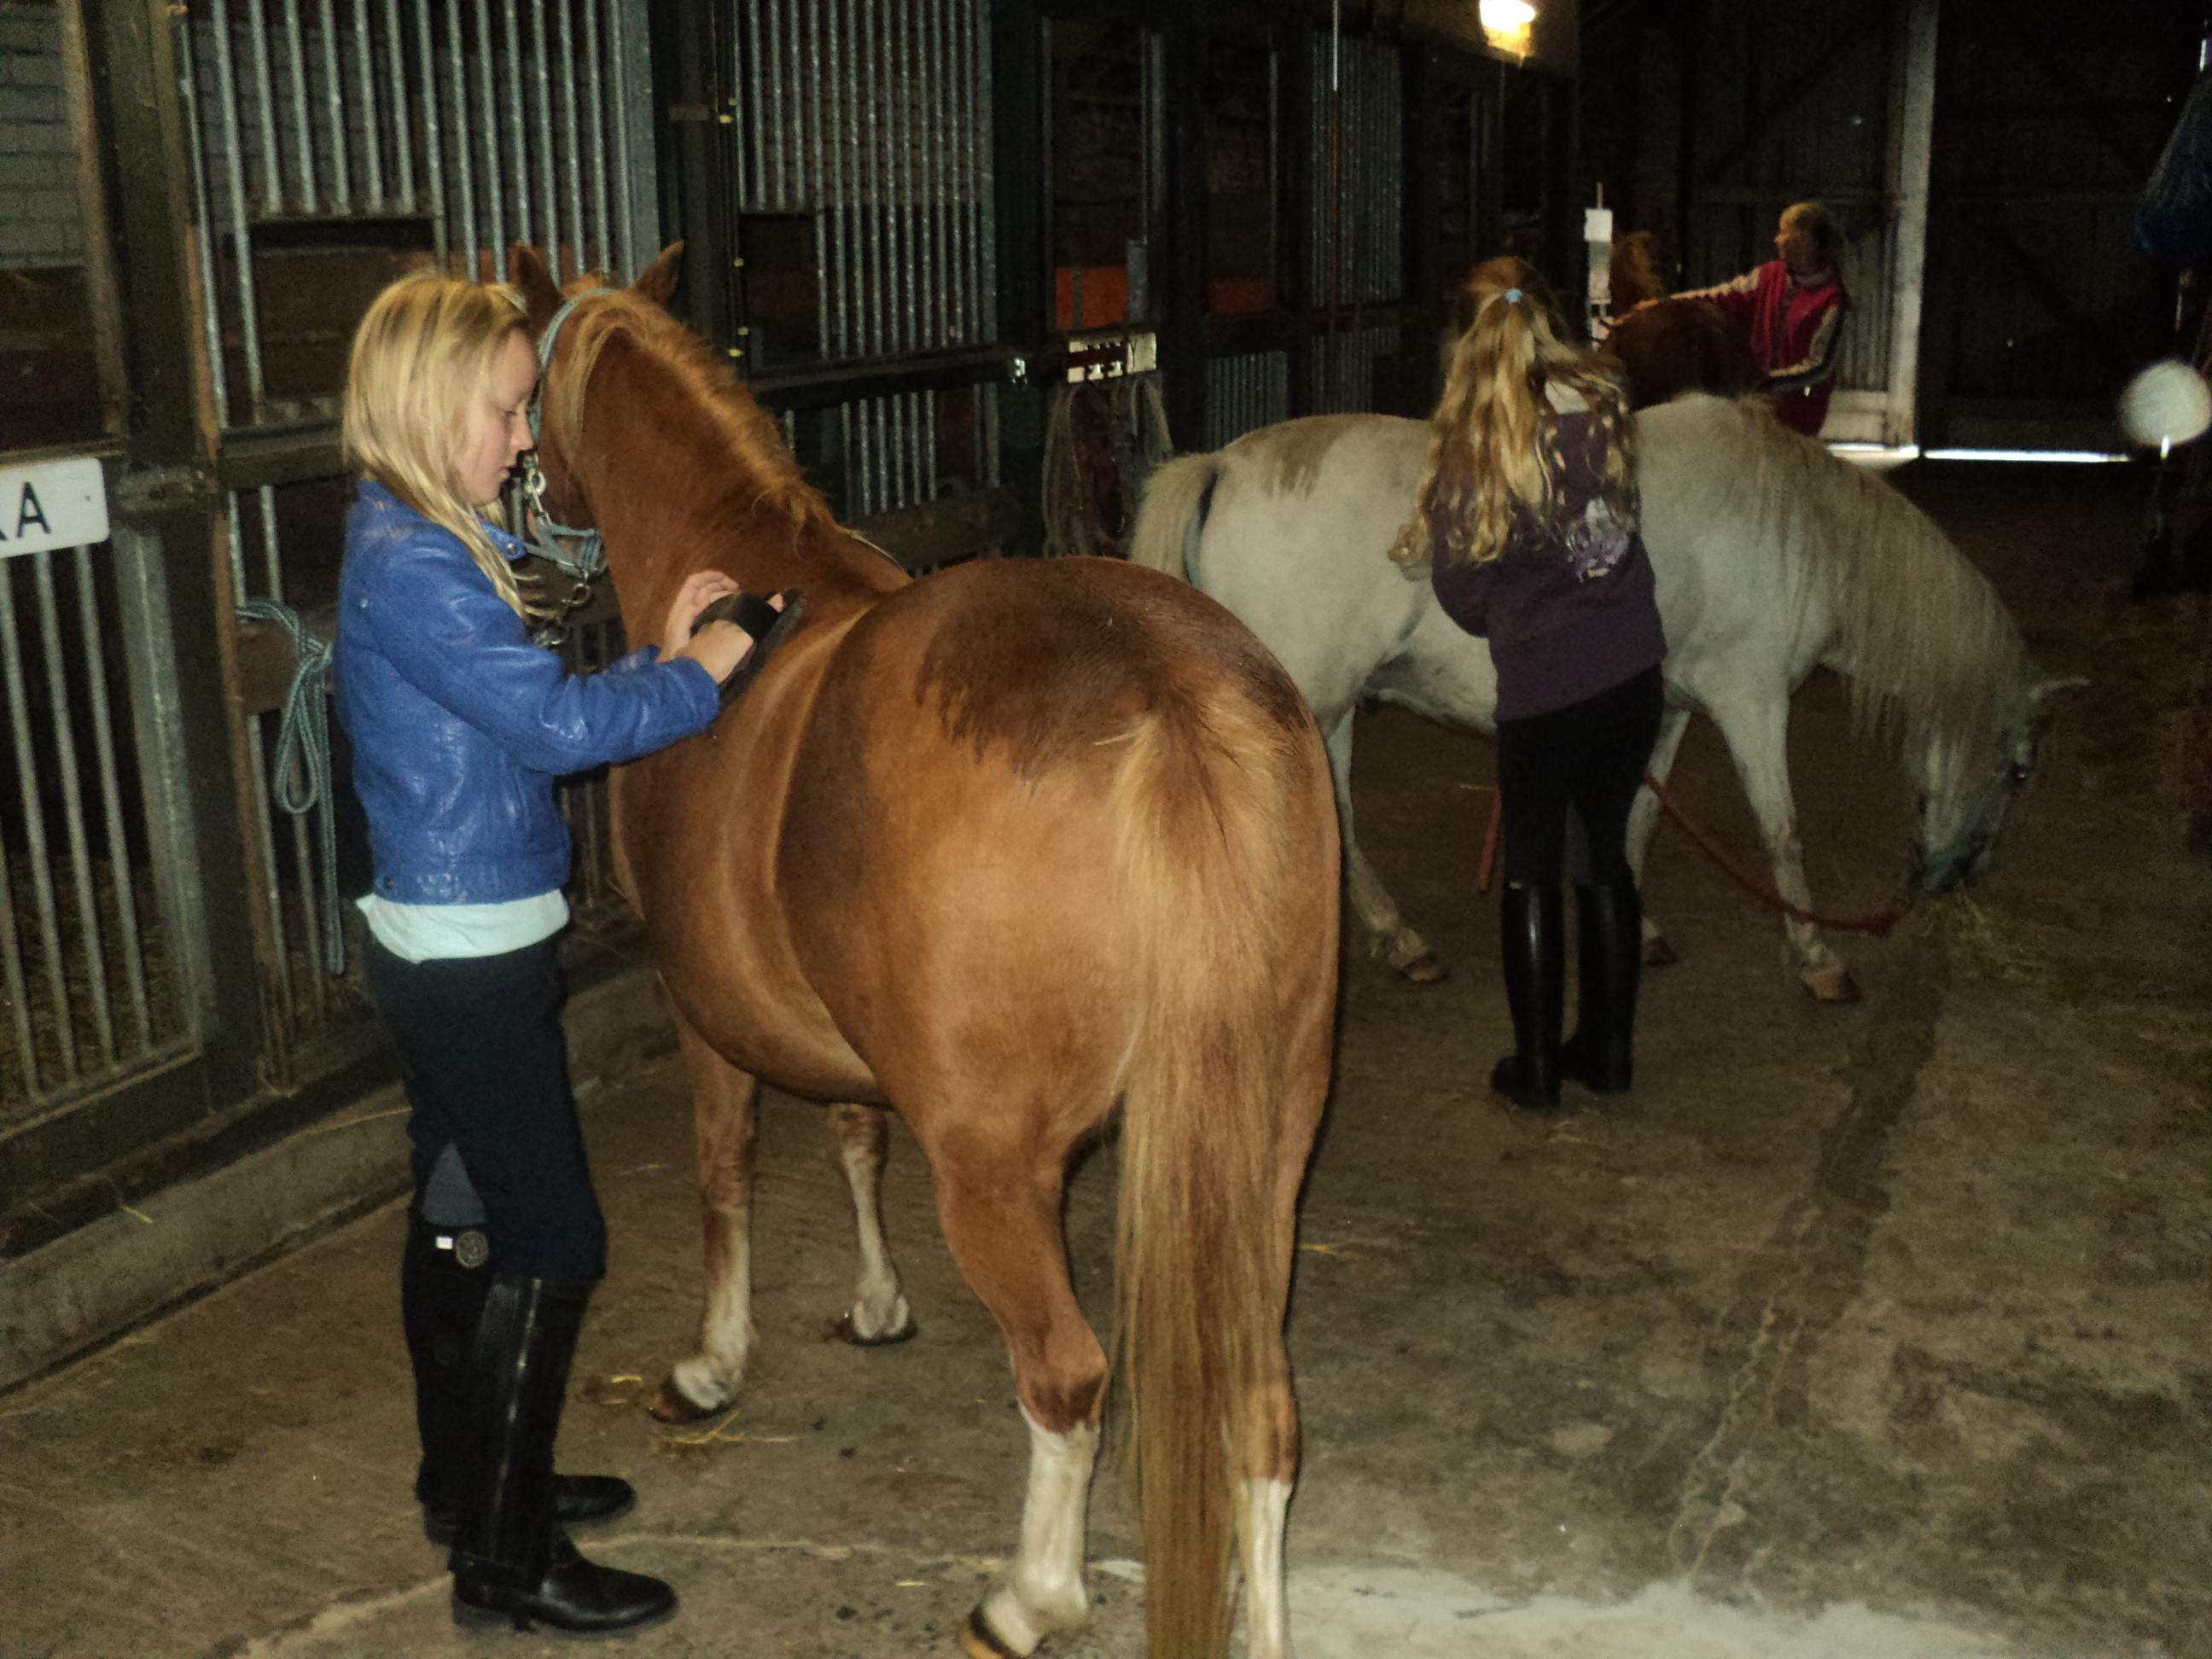 New Kinderfeestje met paarden en pony's - Hoeve Mazzeltov #BF98